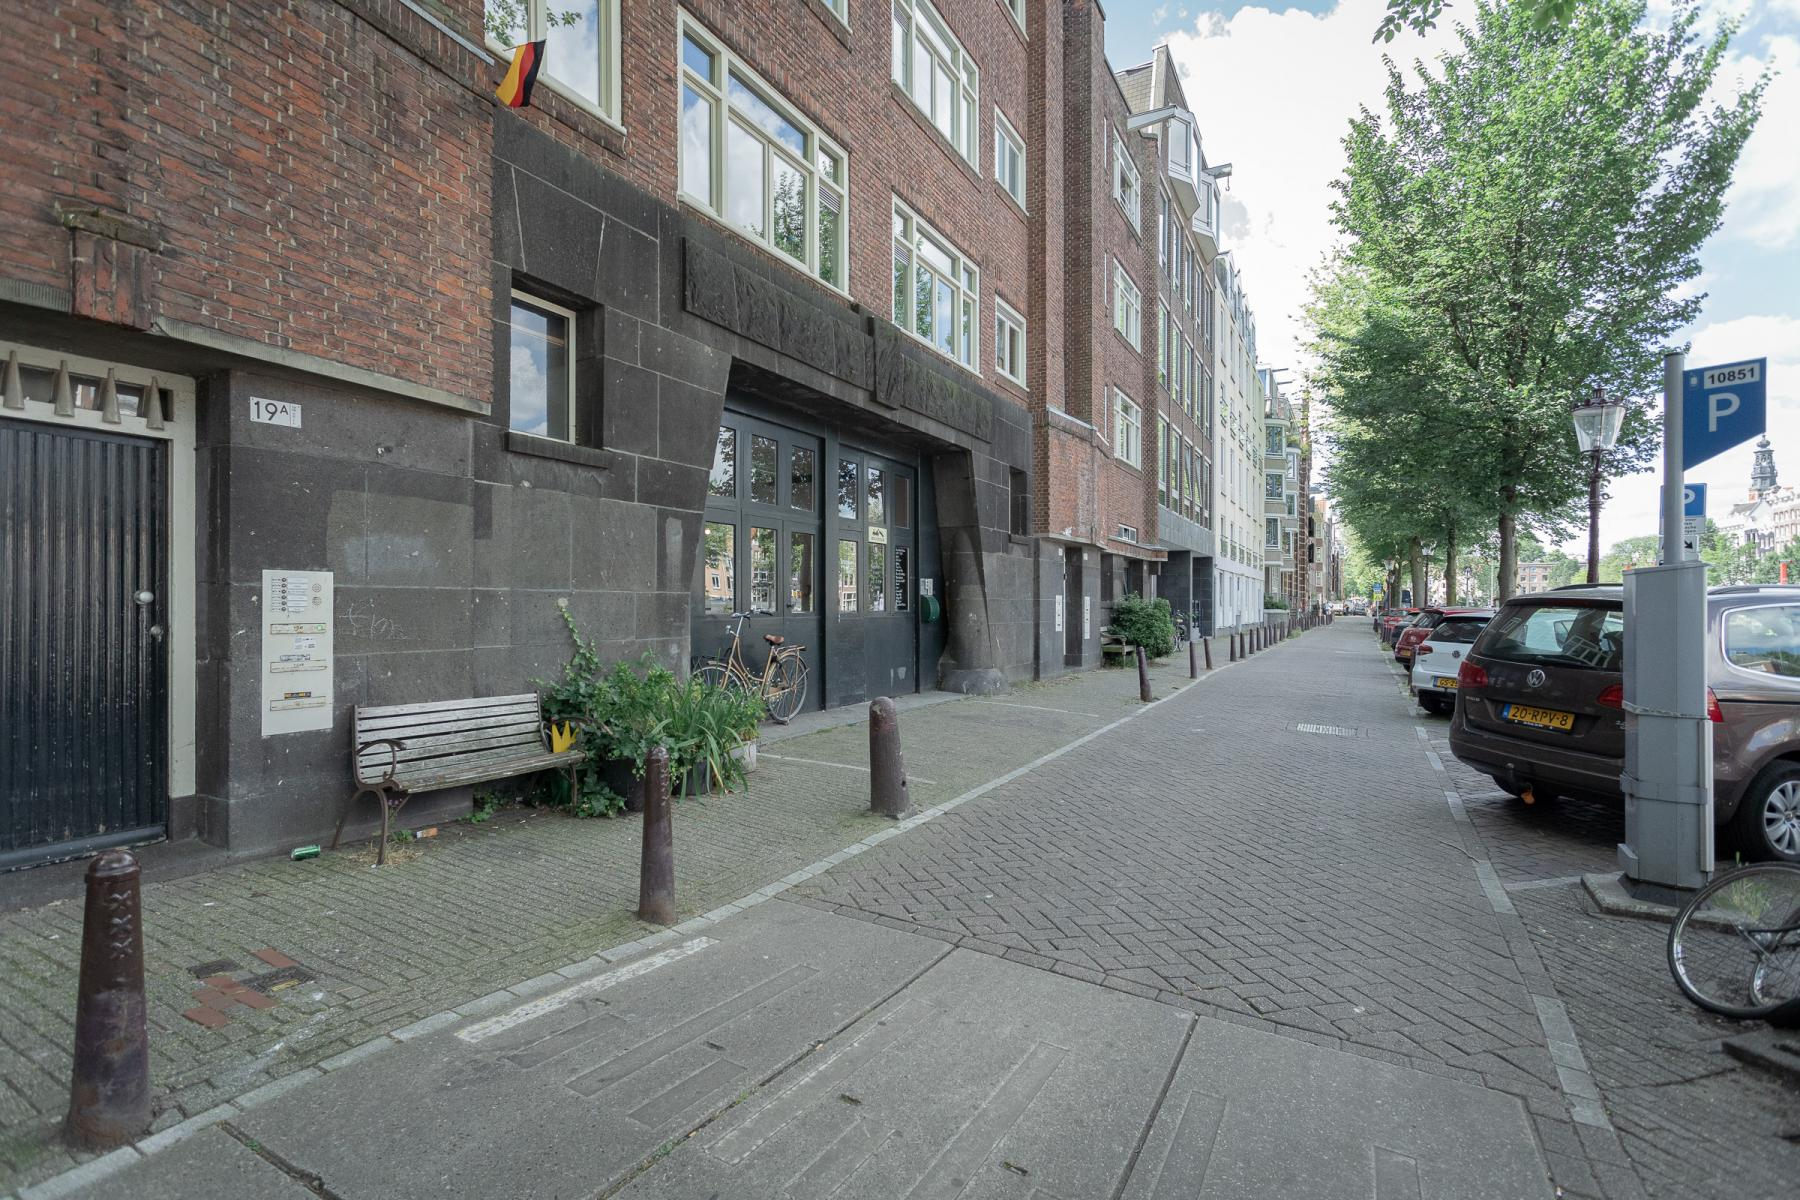 Rent office space Oudeschans 21, Amsterdam (30)